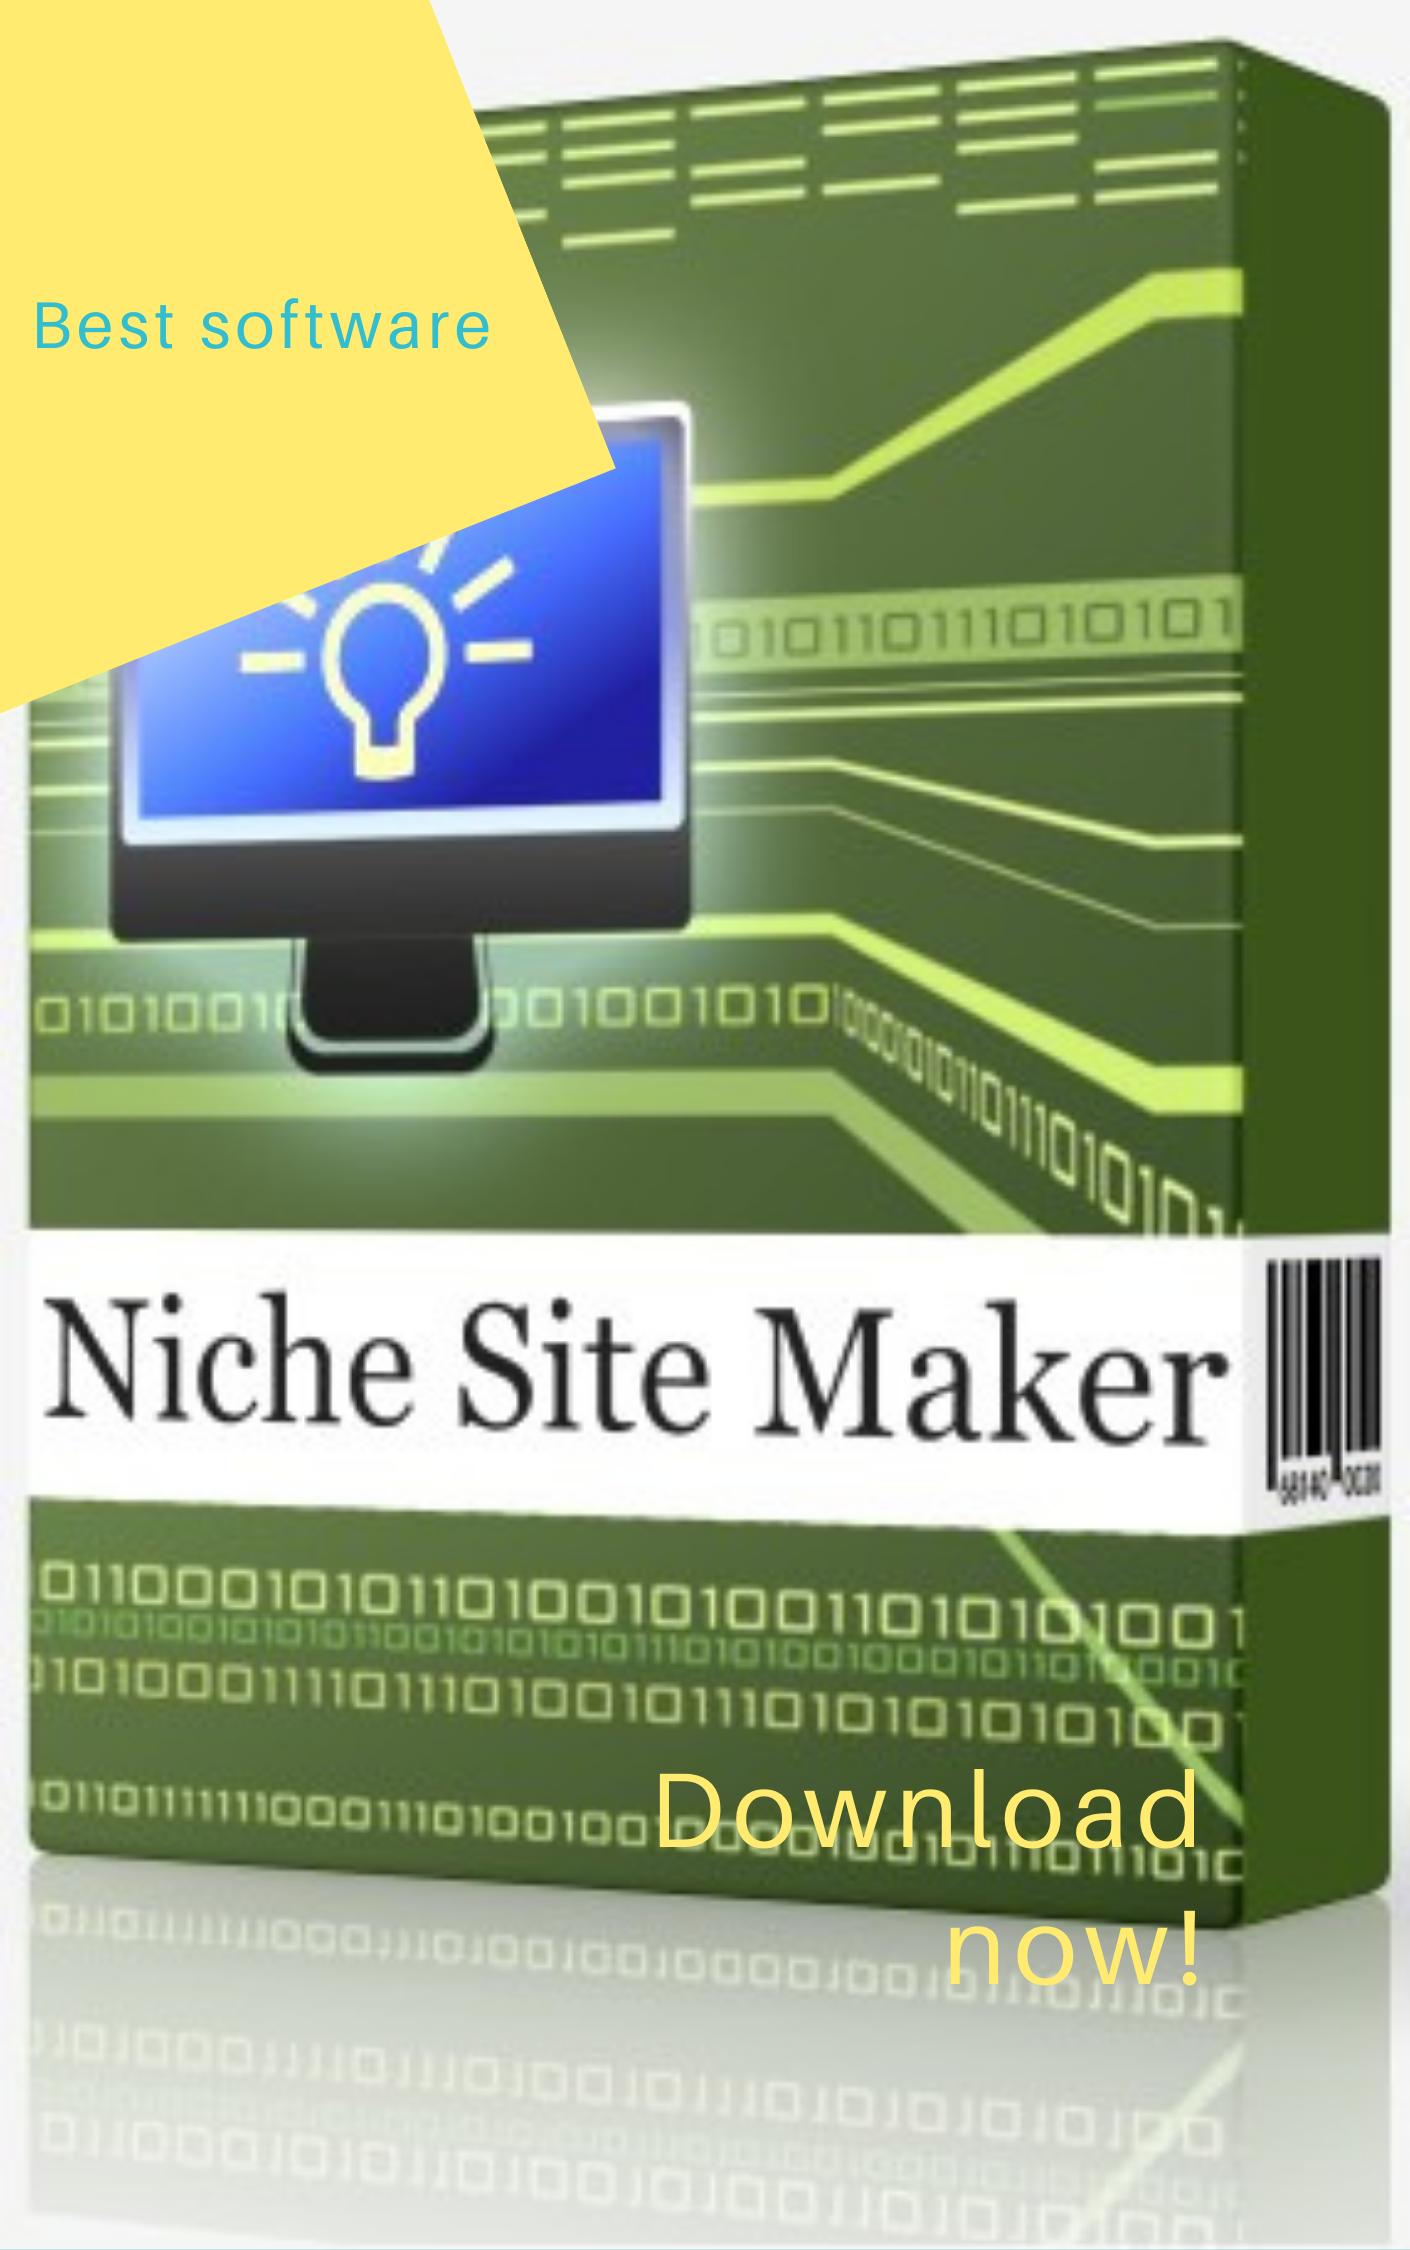 Niche site maker best software